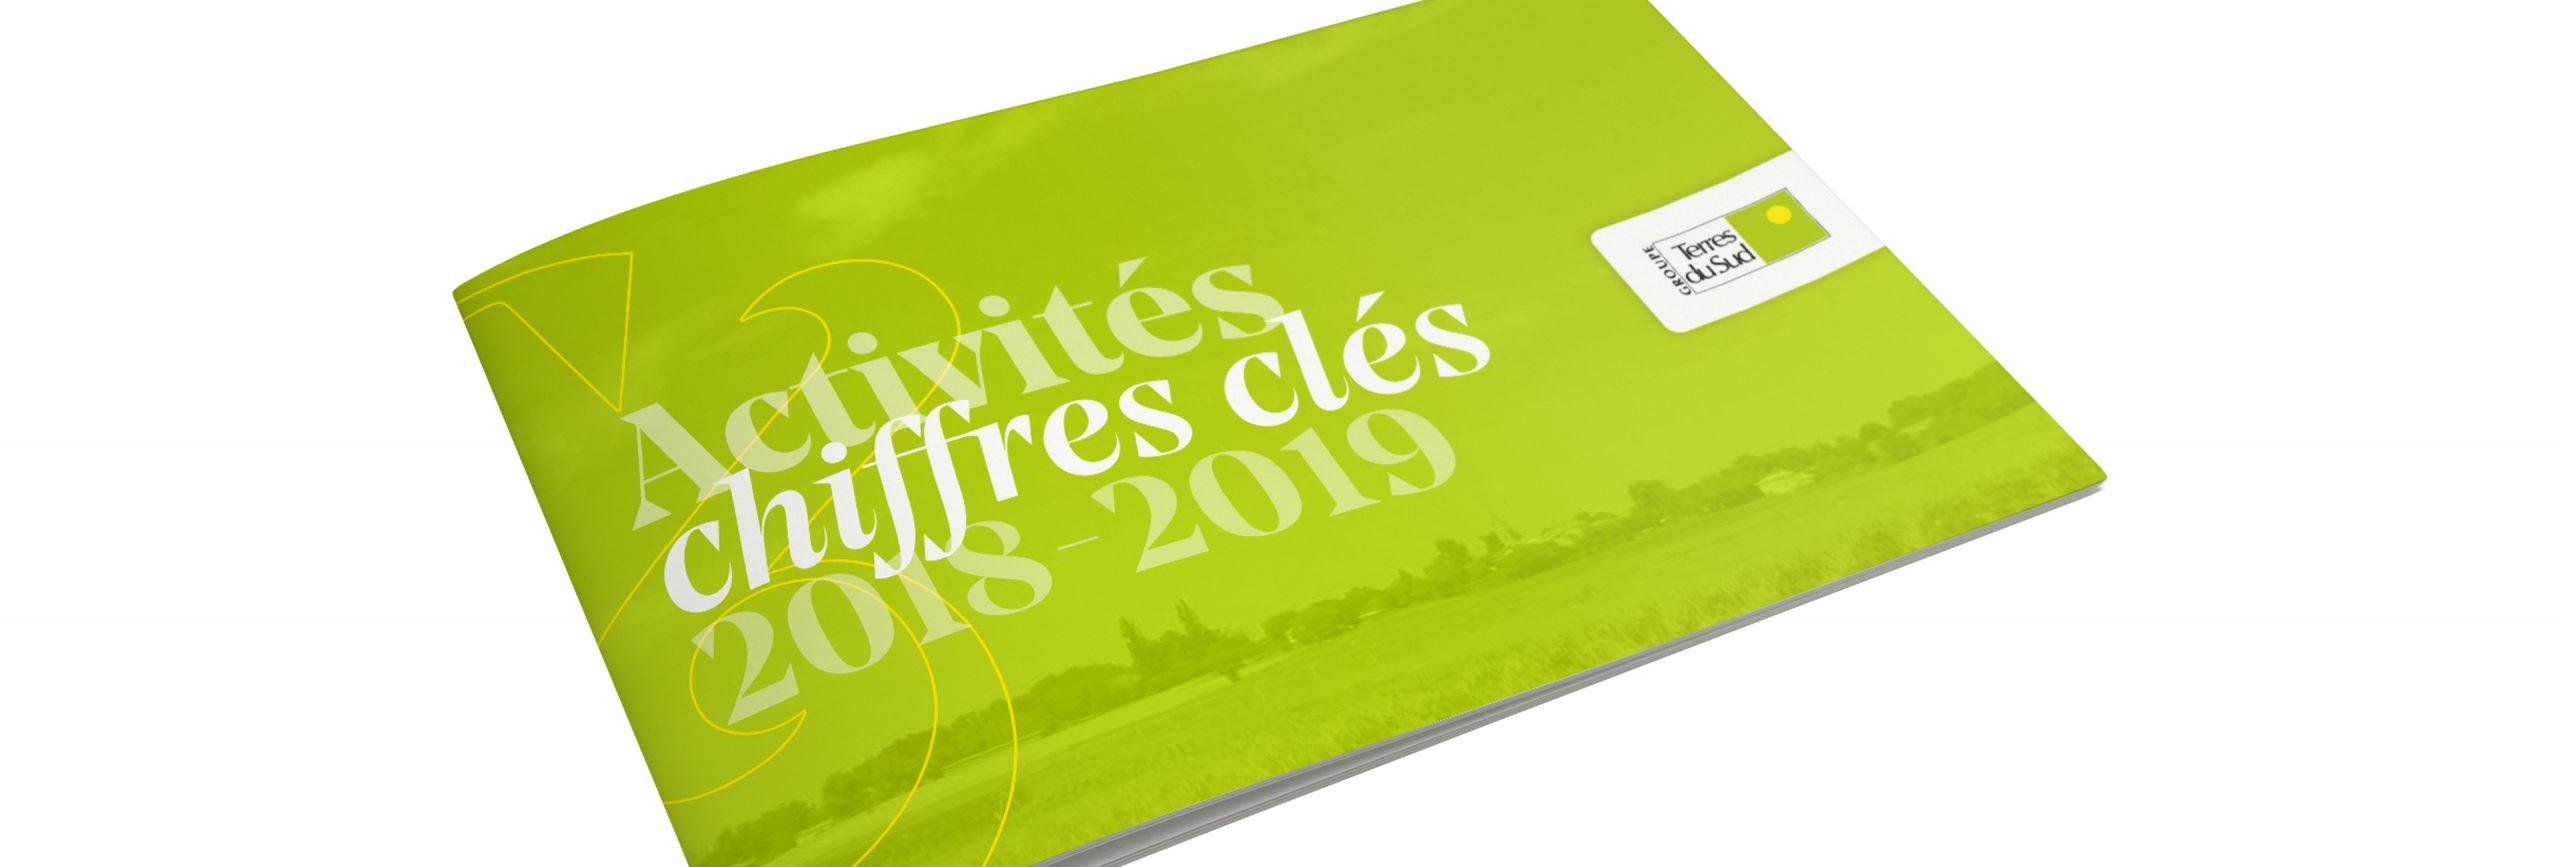 Rapport d'activités 2018-2019 groupe Terres du Sud